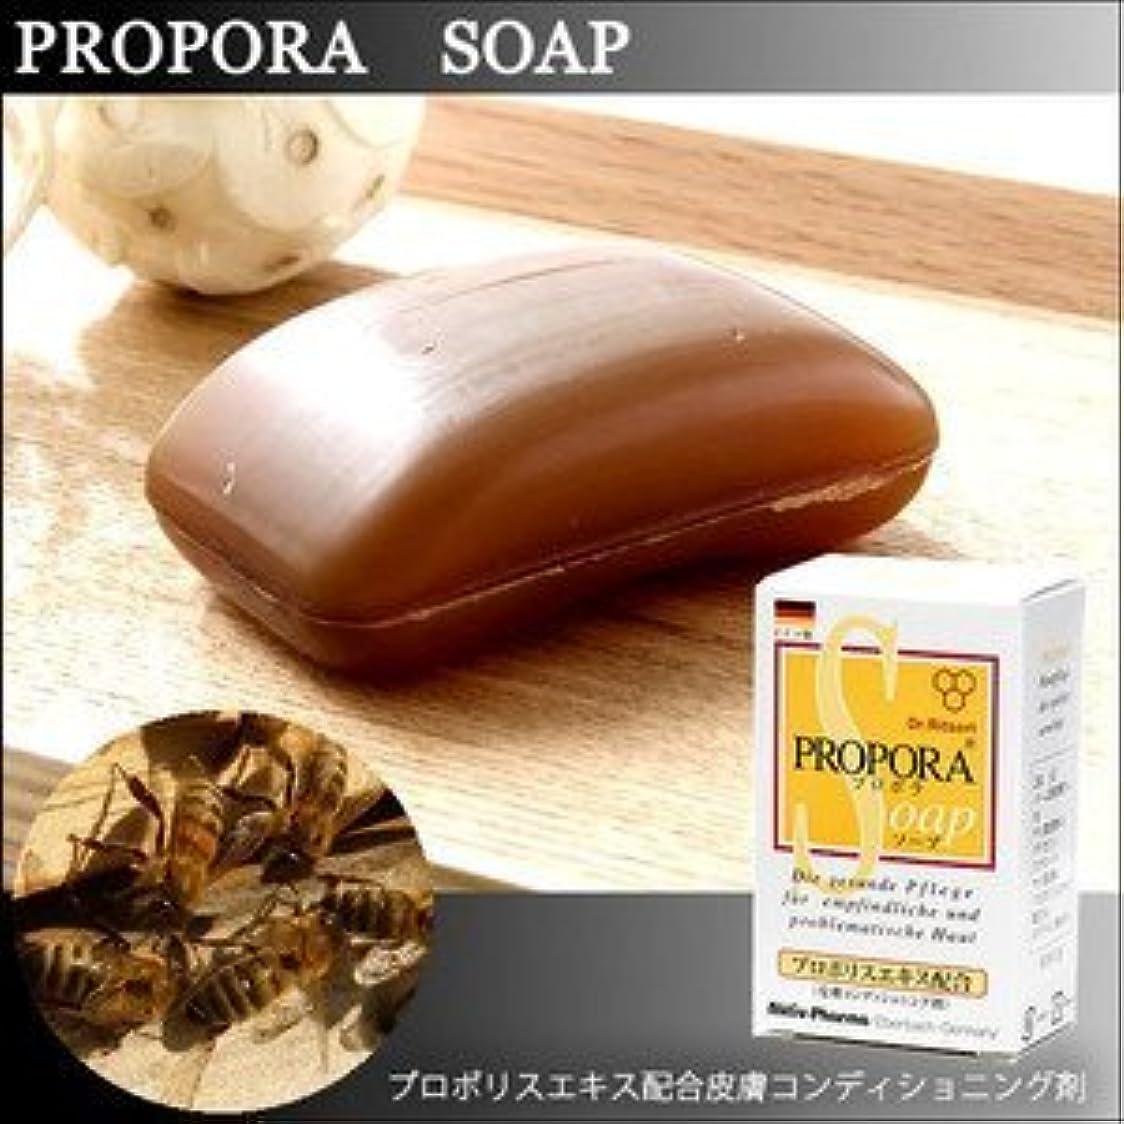 ラウンジお茶センサーお得な2個セット お肌にお悩みの方に 天然由来成分のみを使用したドイツ生まれのプロポラソープ